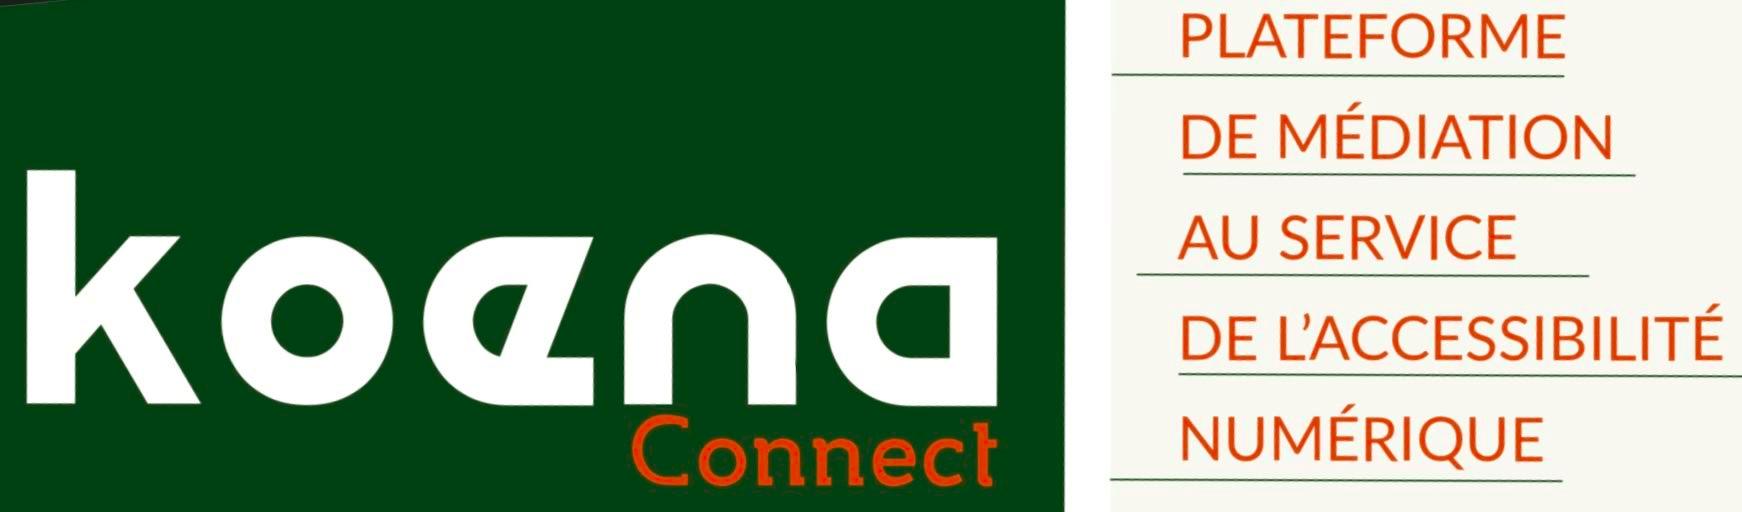 Koena Connect Plateforme de médiation au service de l'accessibilité numérique